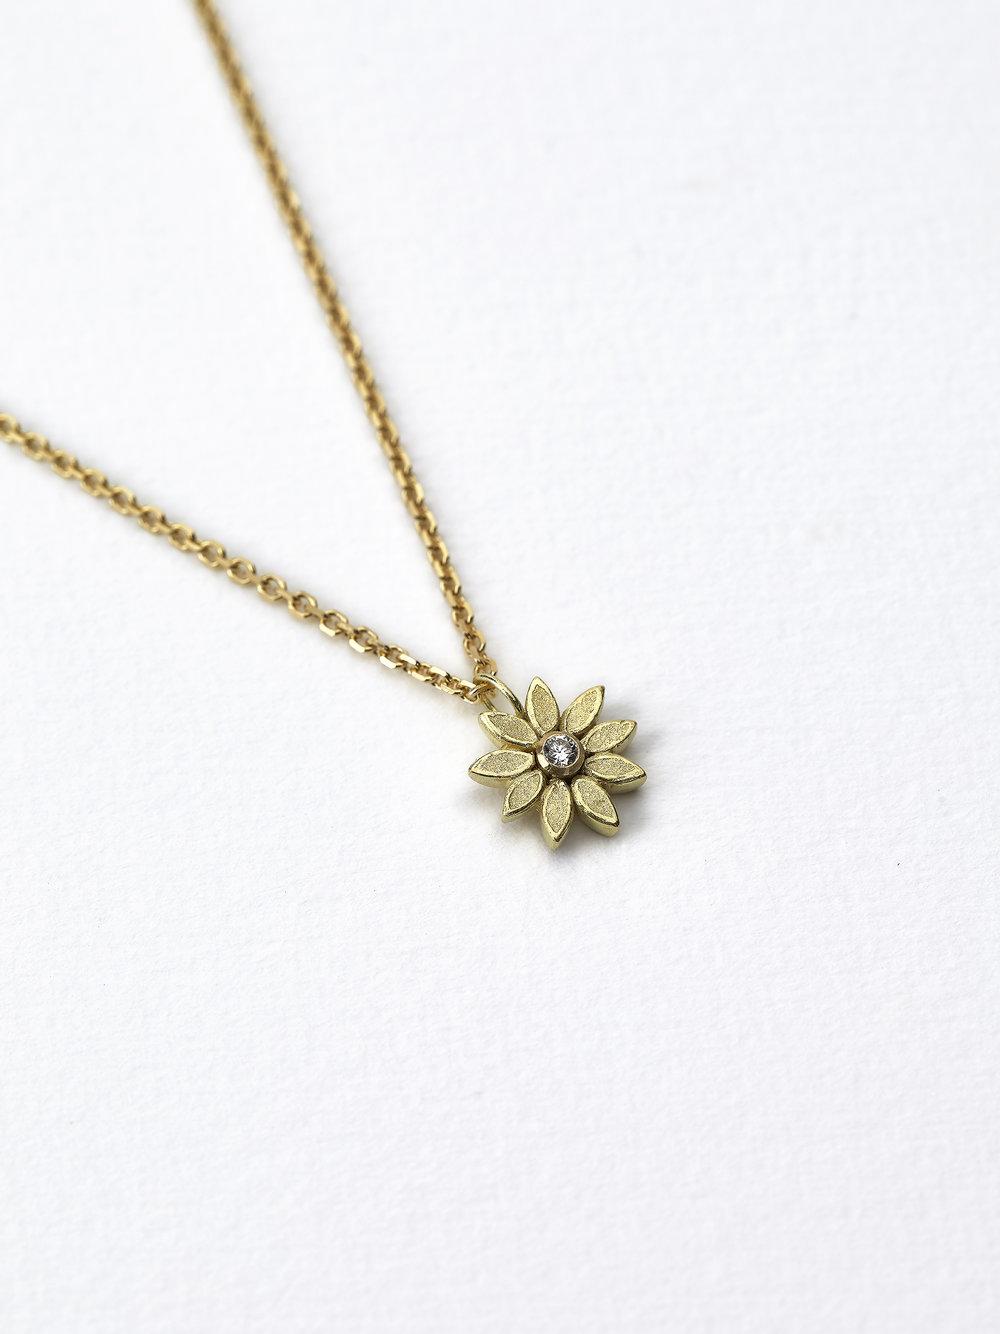 Moonflower Pendant